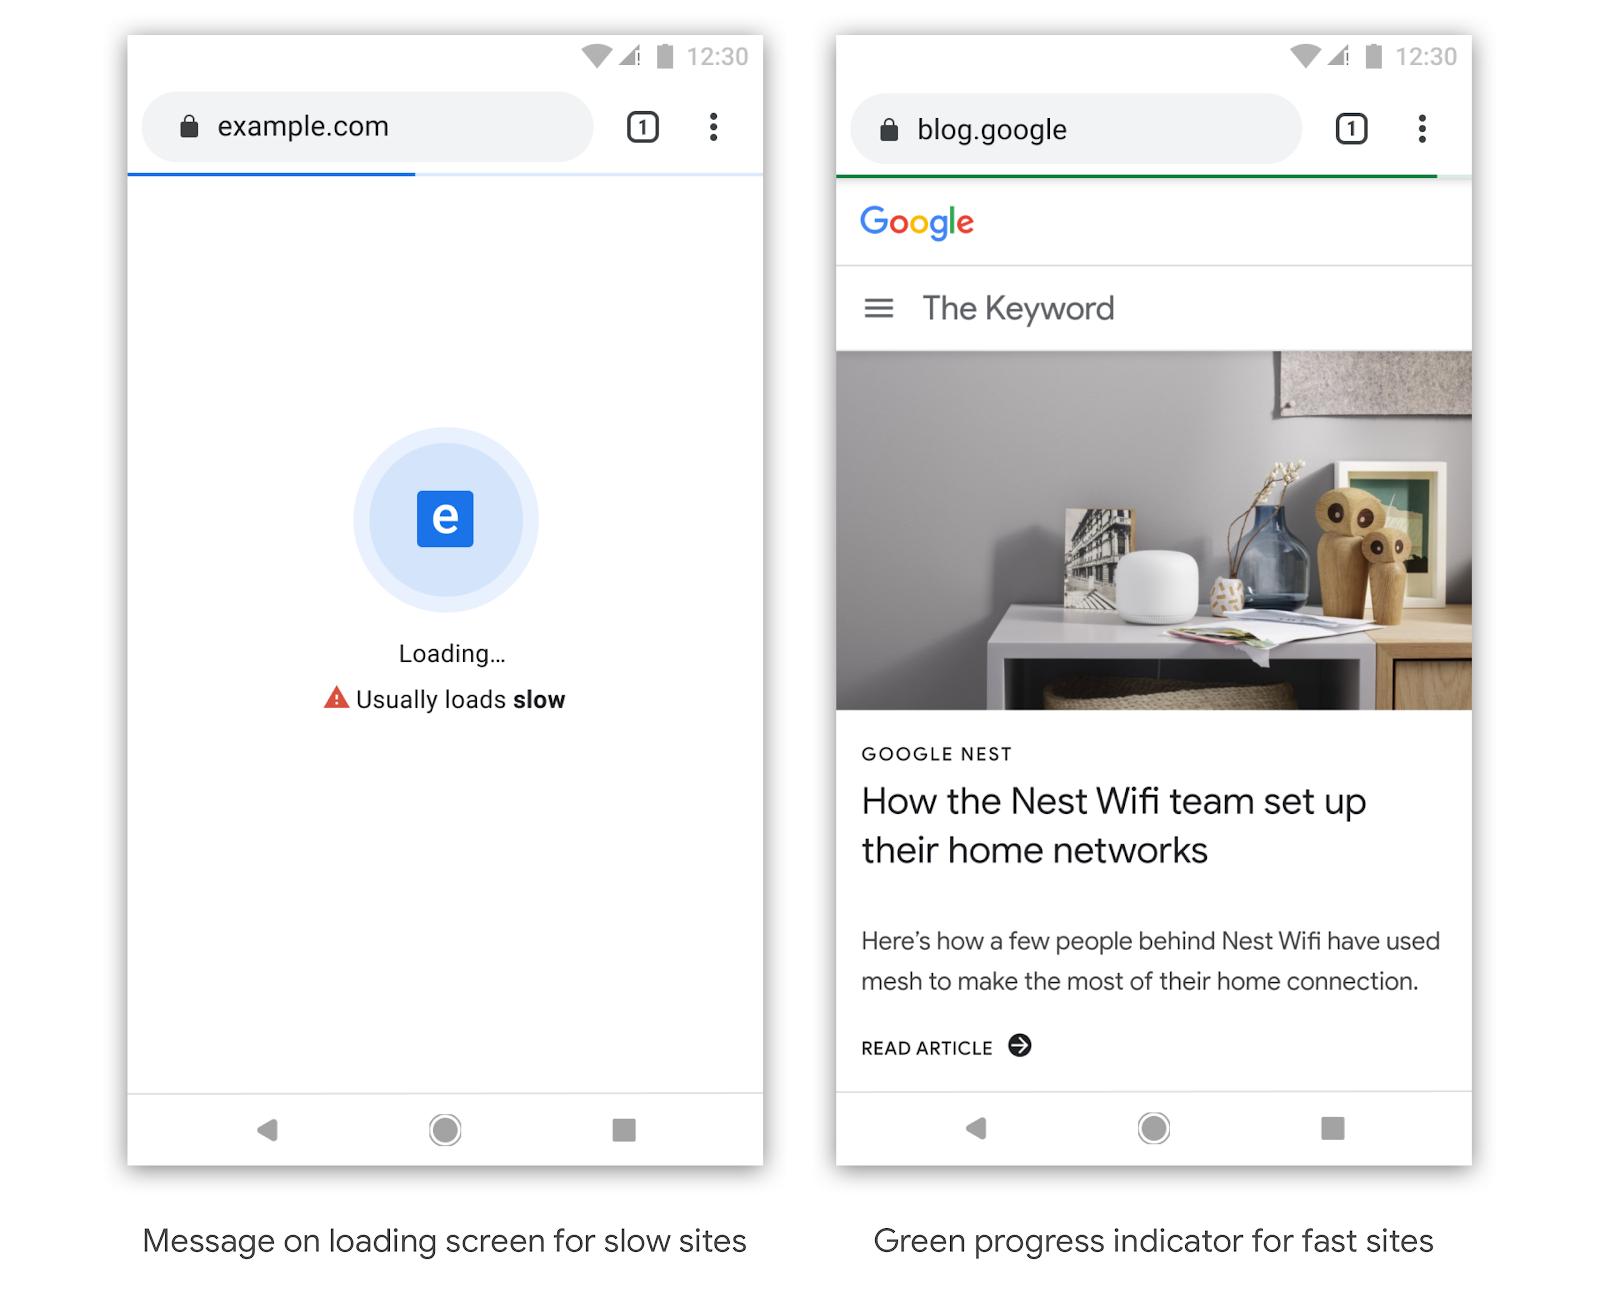 Chrome skal i fremtiden merke hvilke nettsider som er raske eller trege.